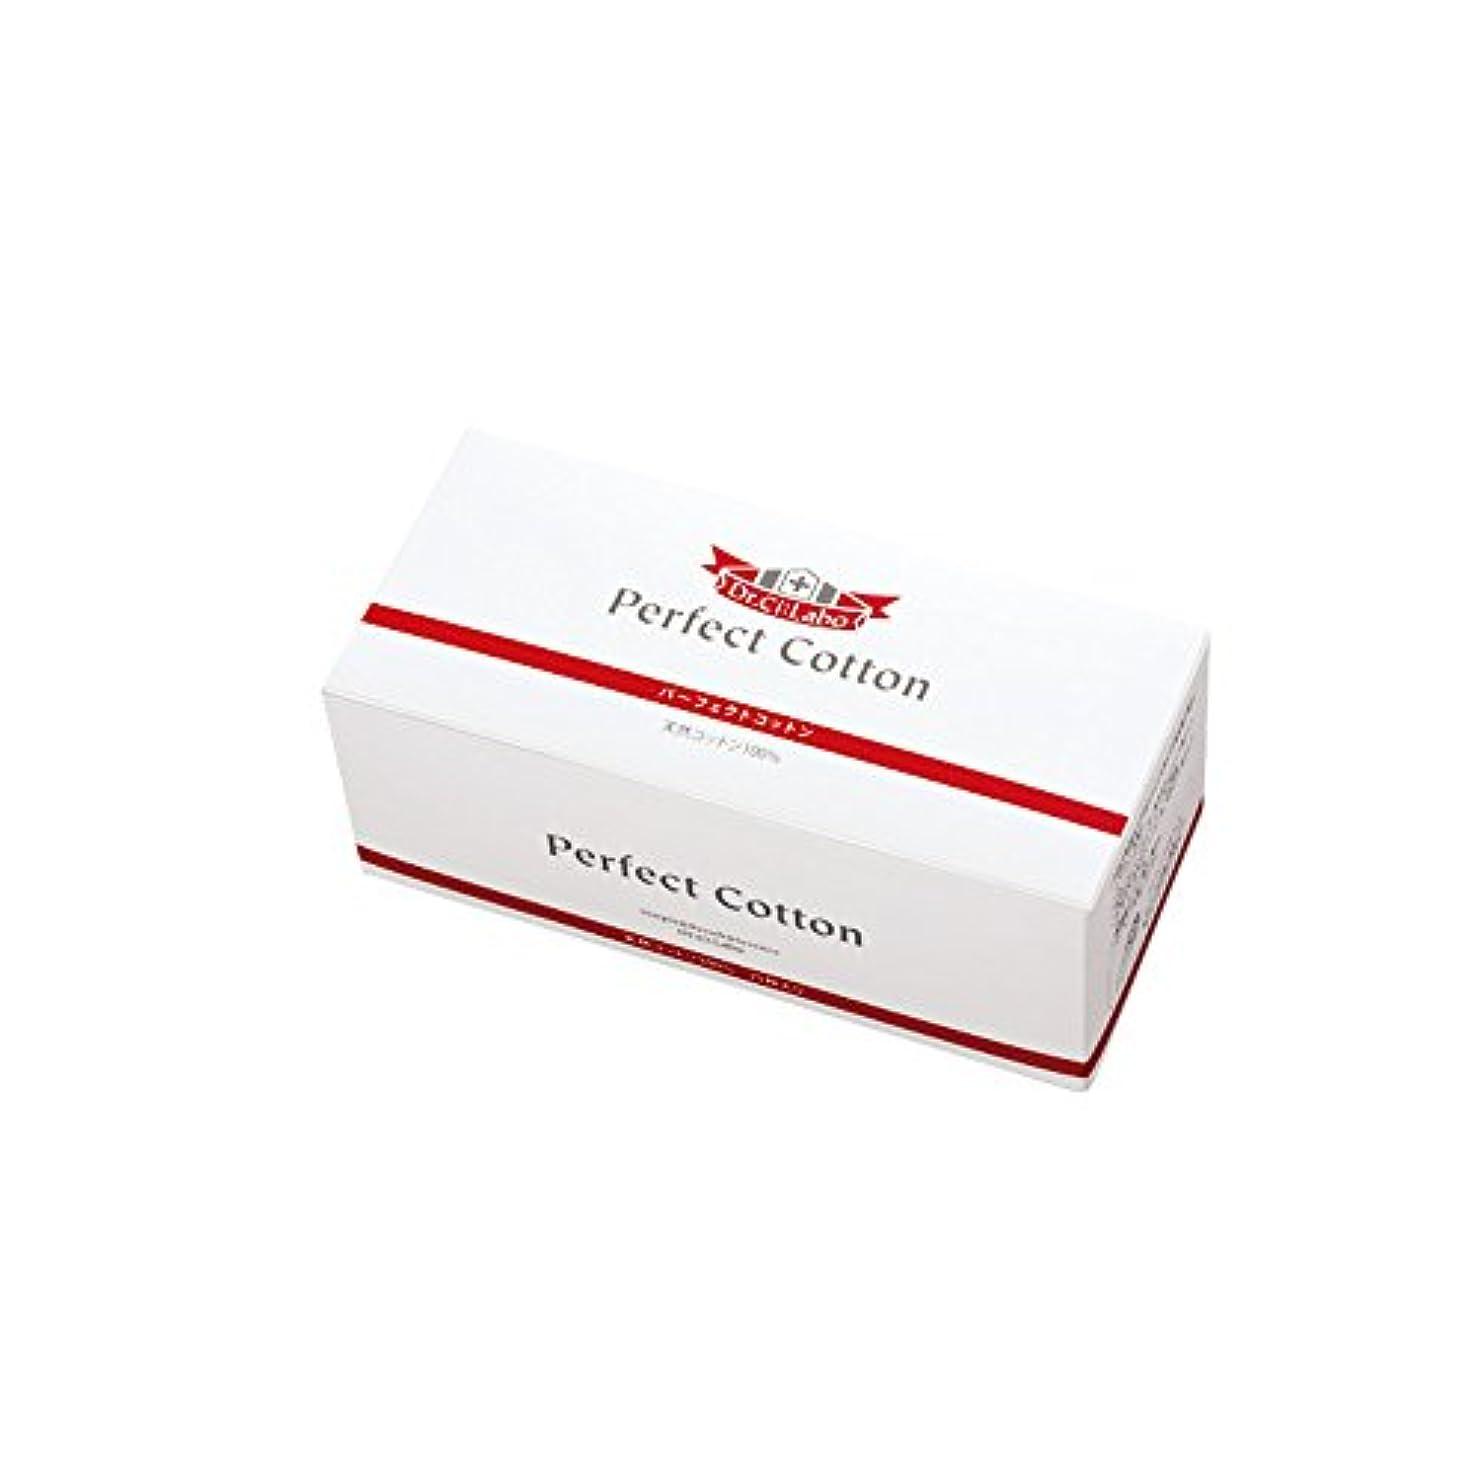 溝ストロー集まるドクターシーラボ パーフェクトコットン 大判サイズ(8cm×6cm) 75枚 コットンパフ